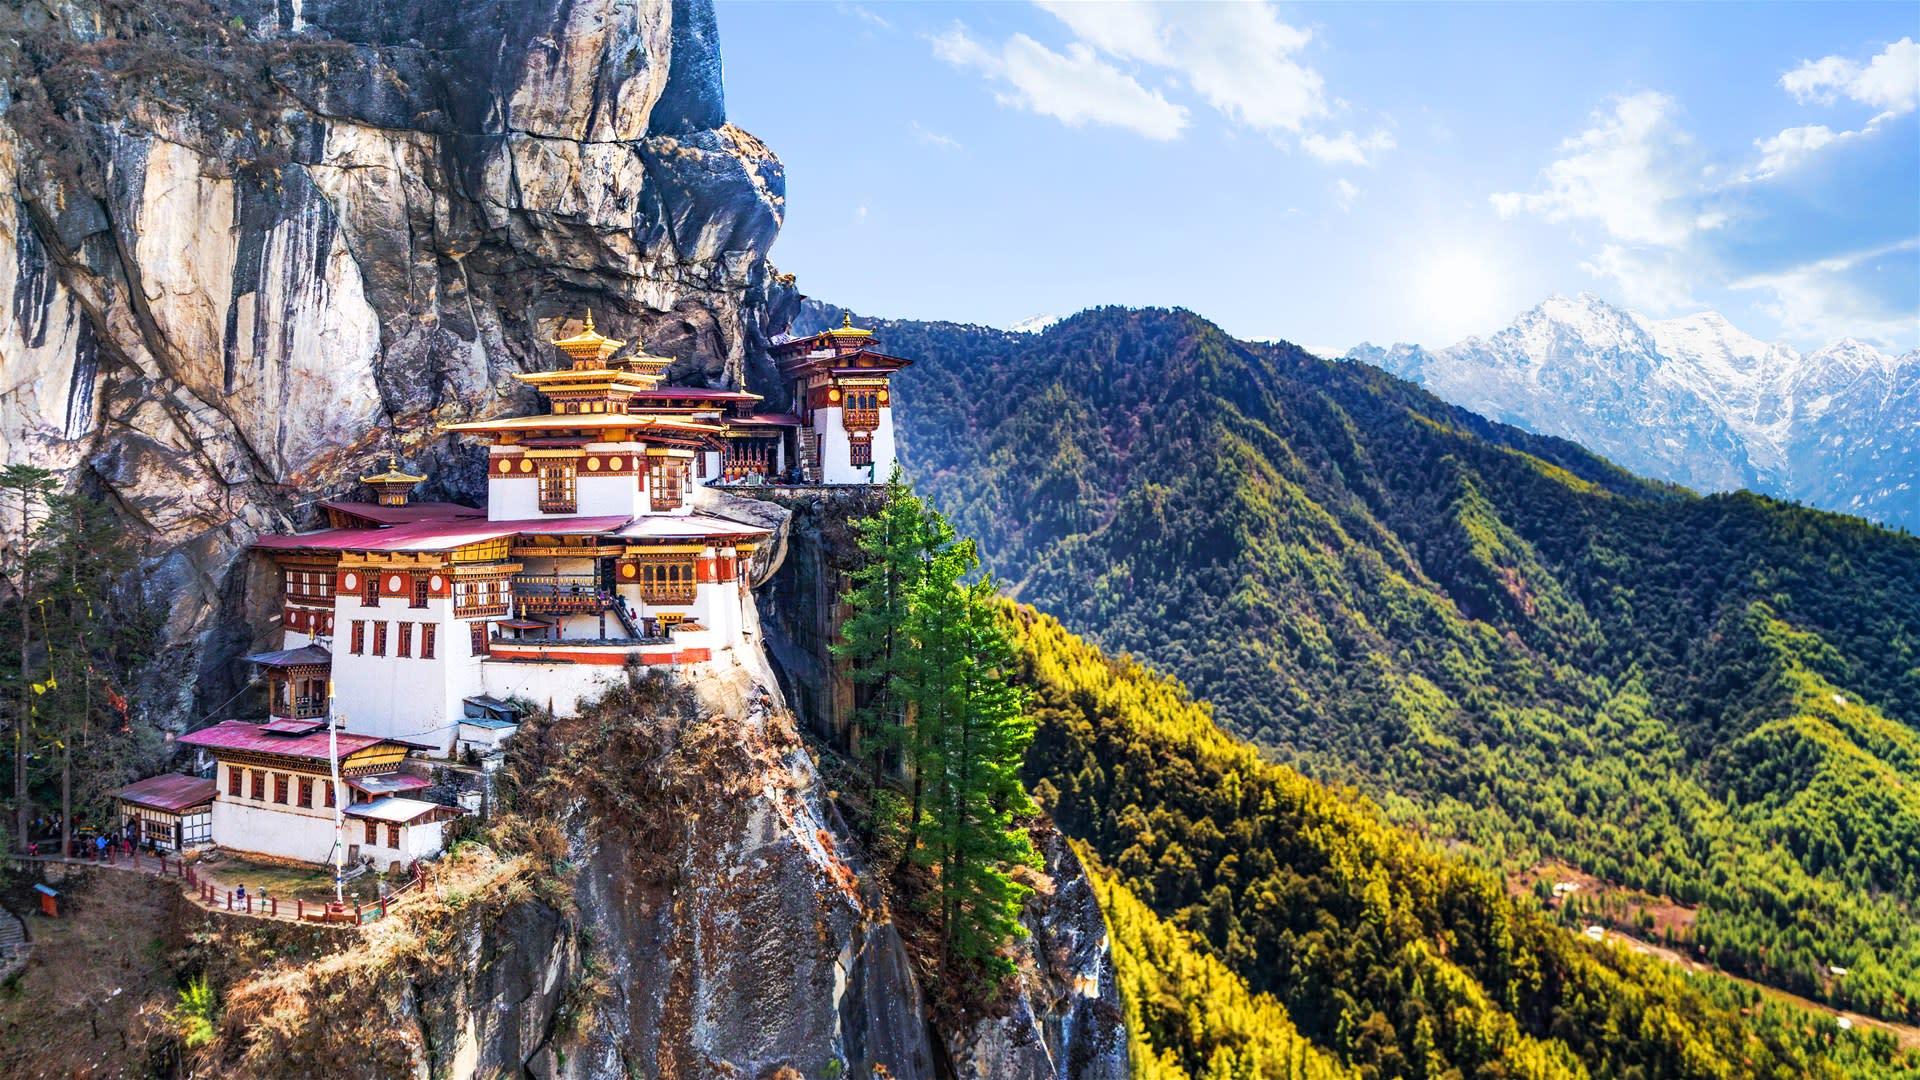 Du Lịch Tâm Linh Bhutan 5 Ngày 4 Đêm